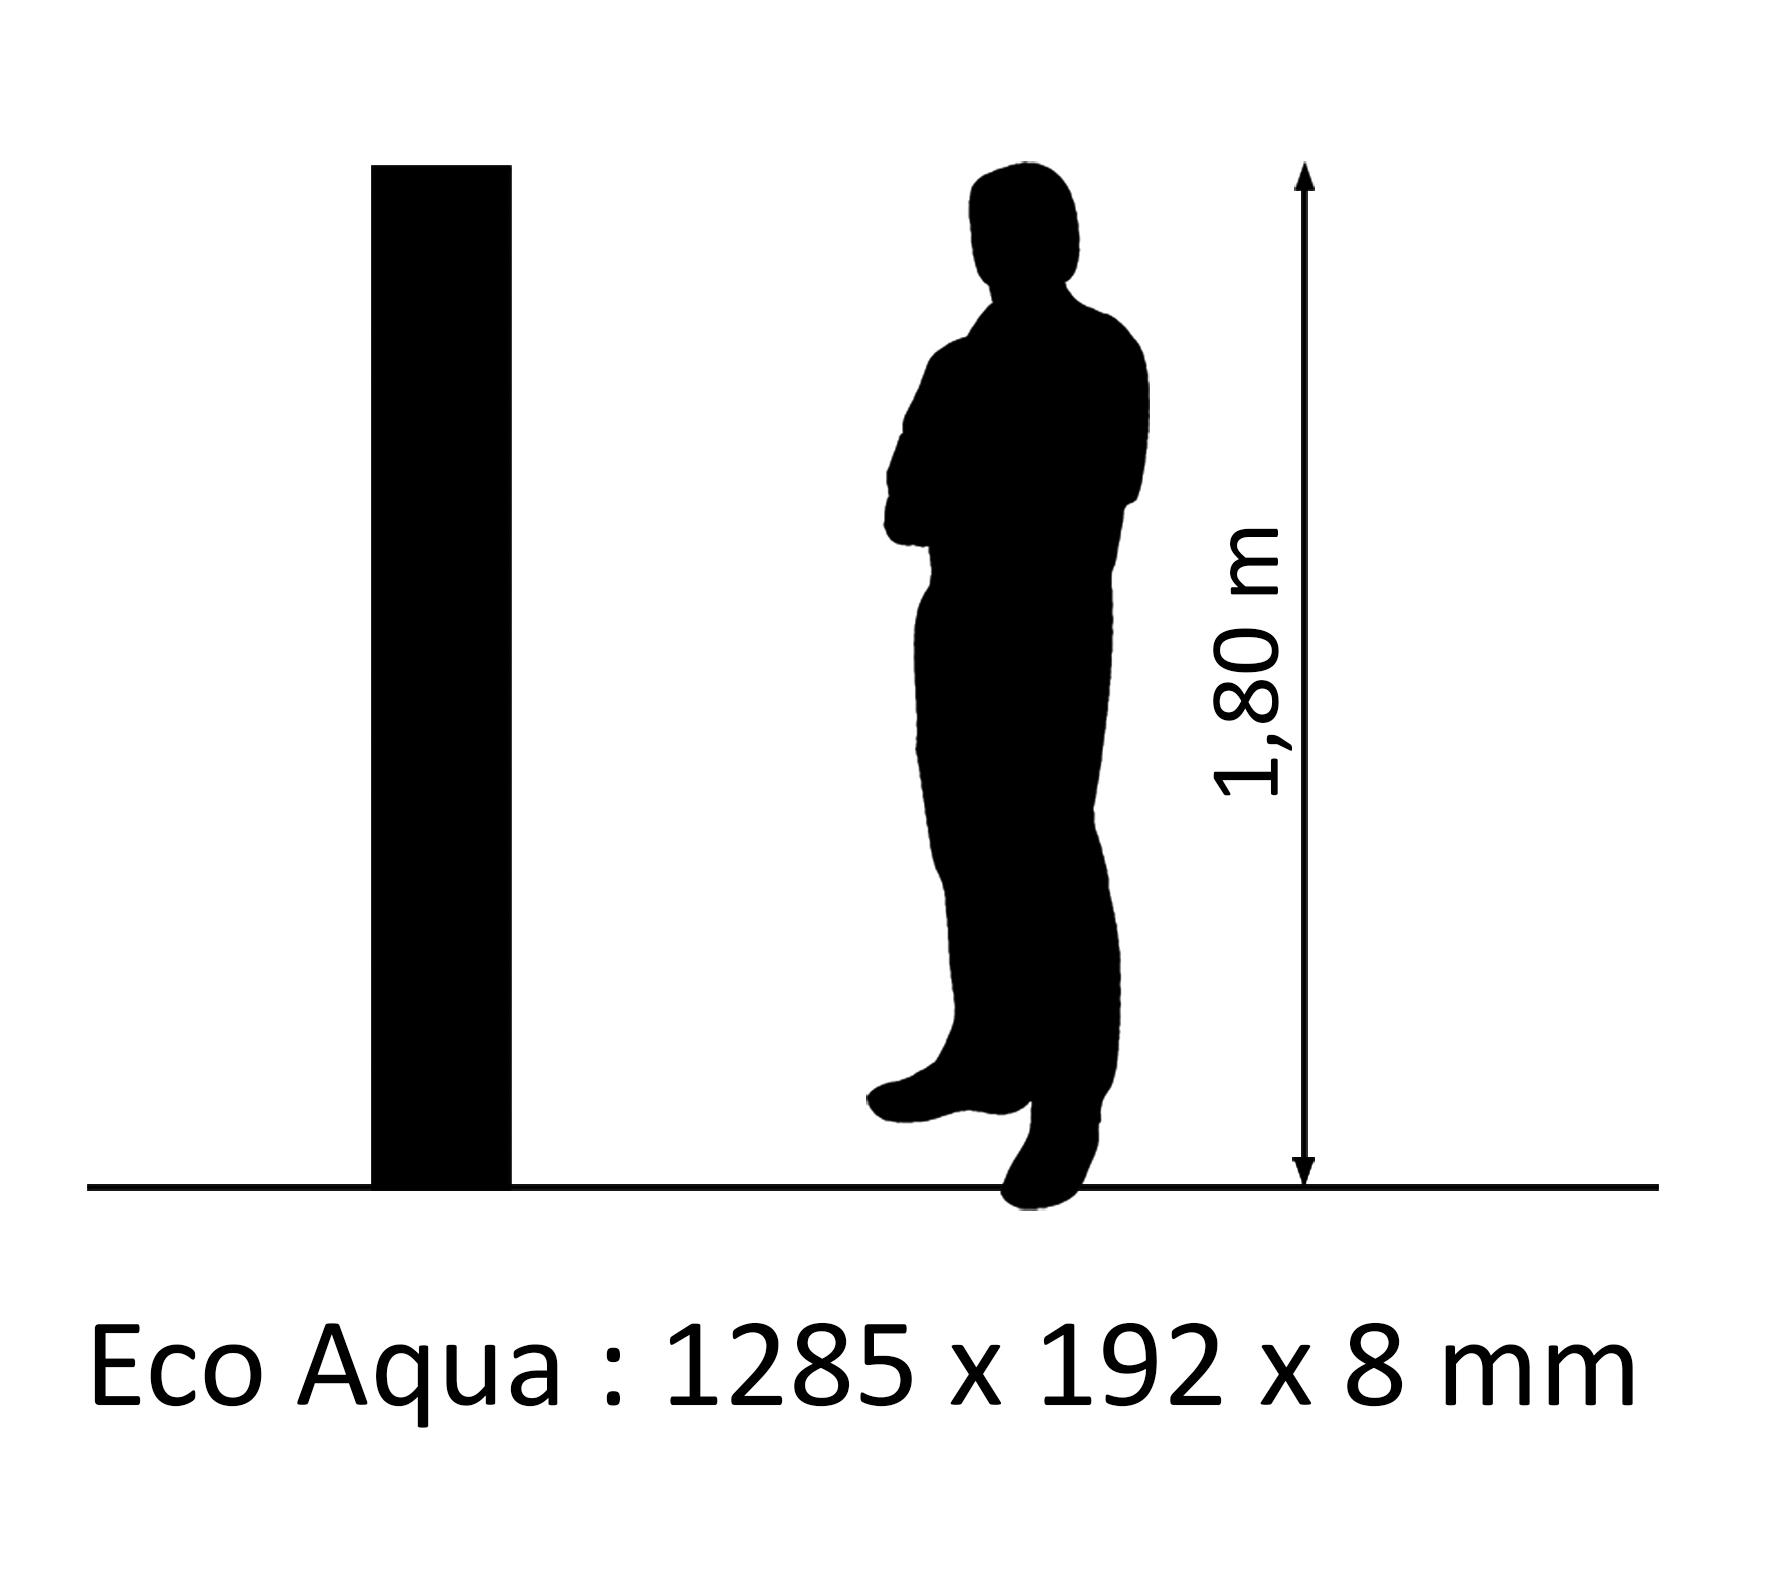 Wiparquet Eco Aqua Selkirk Laminatboden